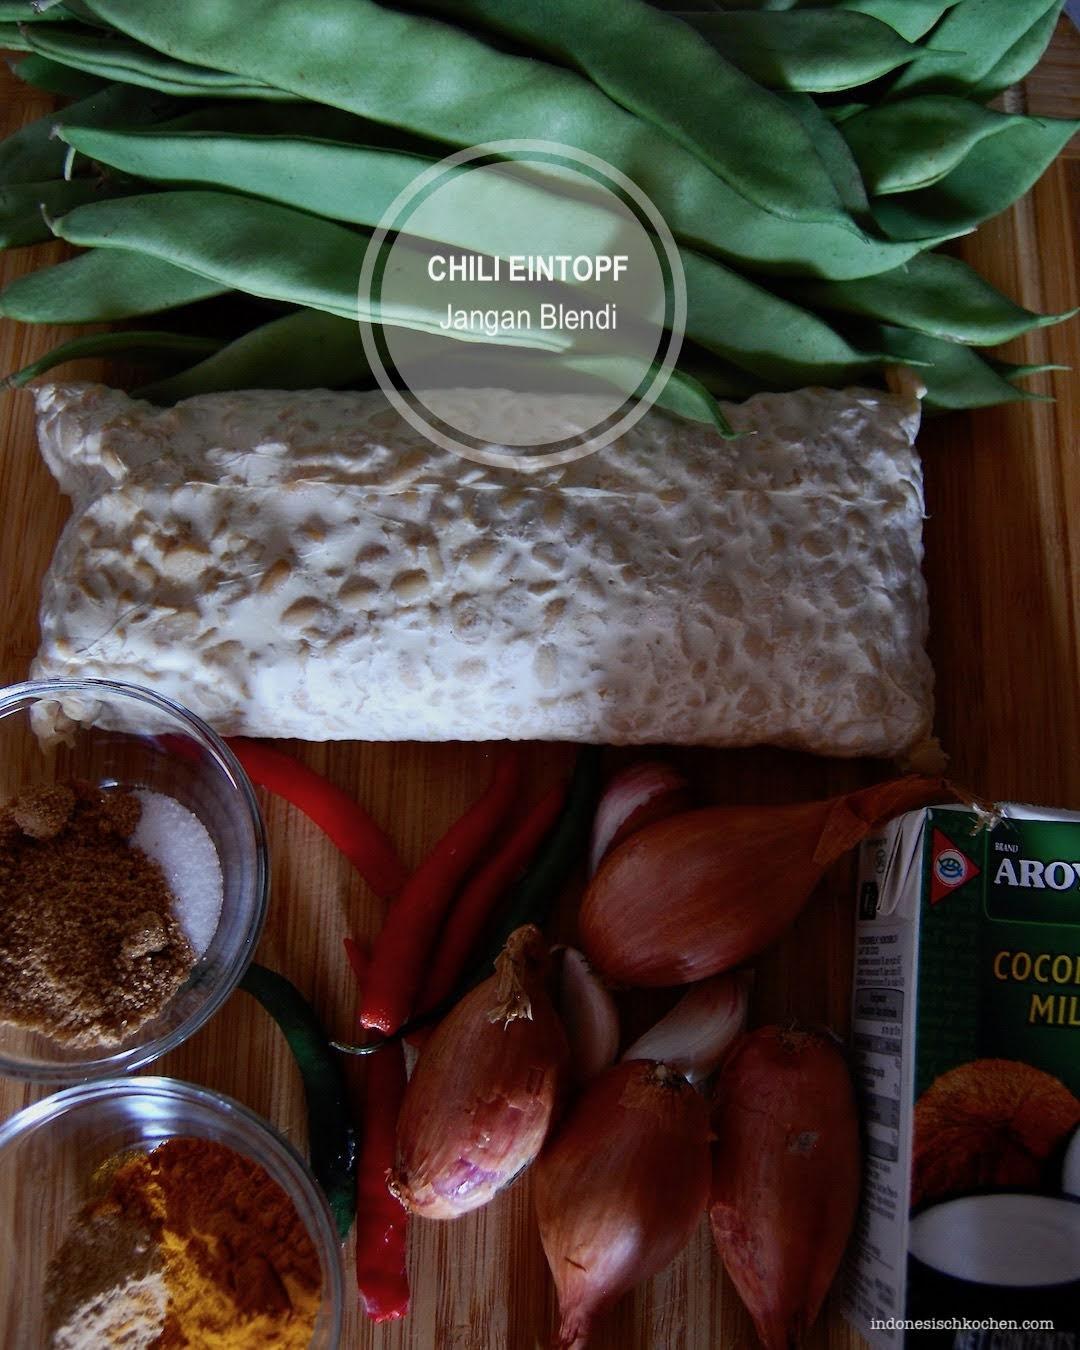 Veganer Chili Eintopf mit Tempeh und Stangenbohnen